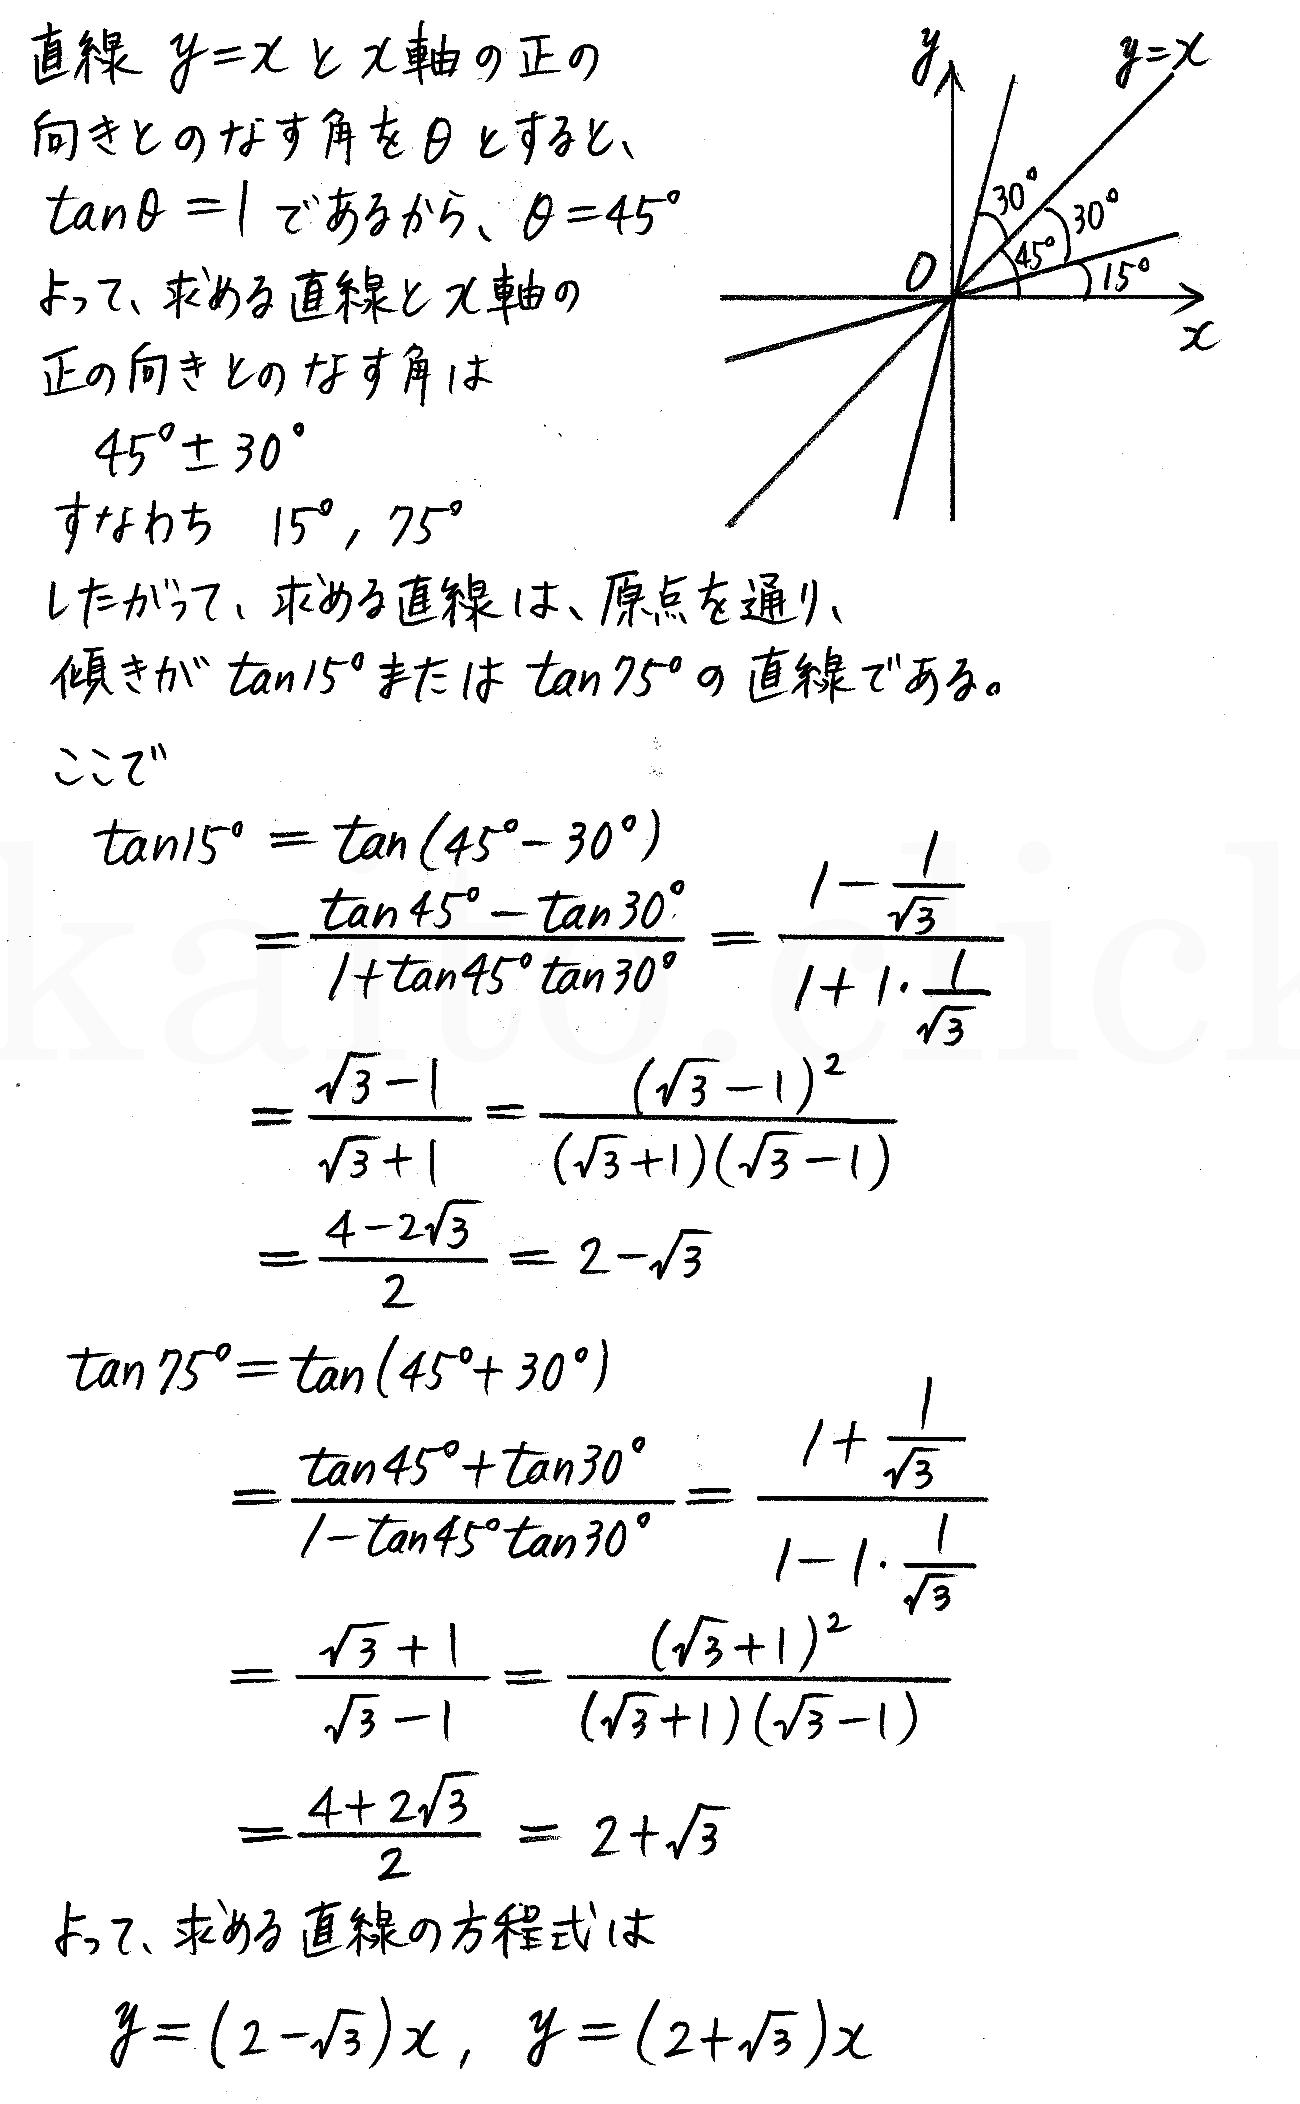 クリアー数学2-284解答